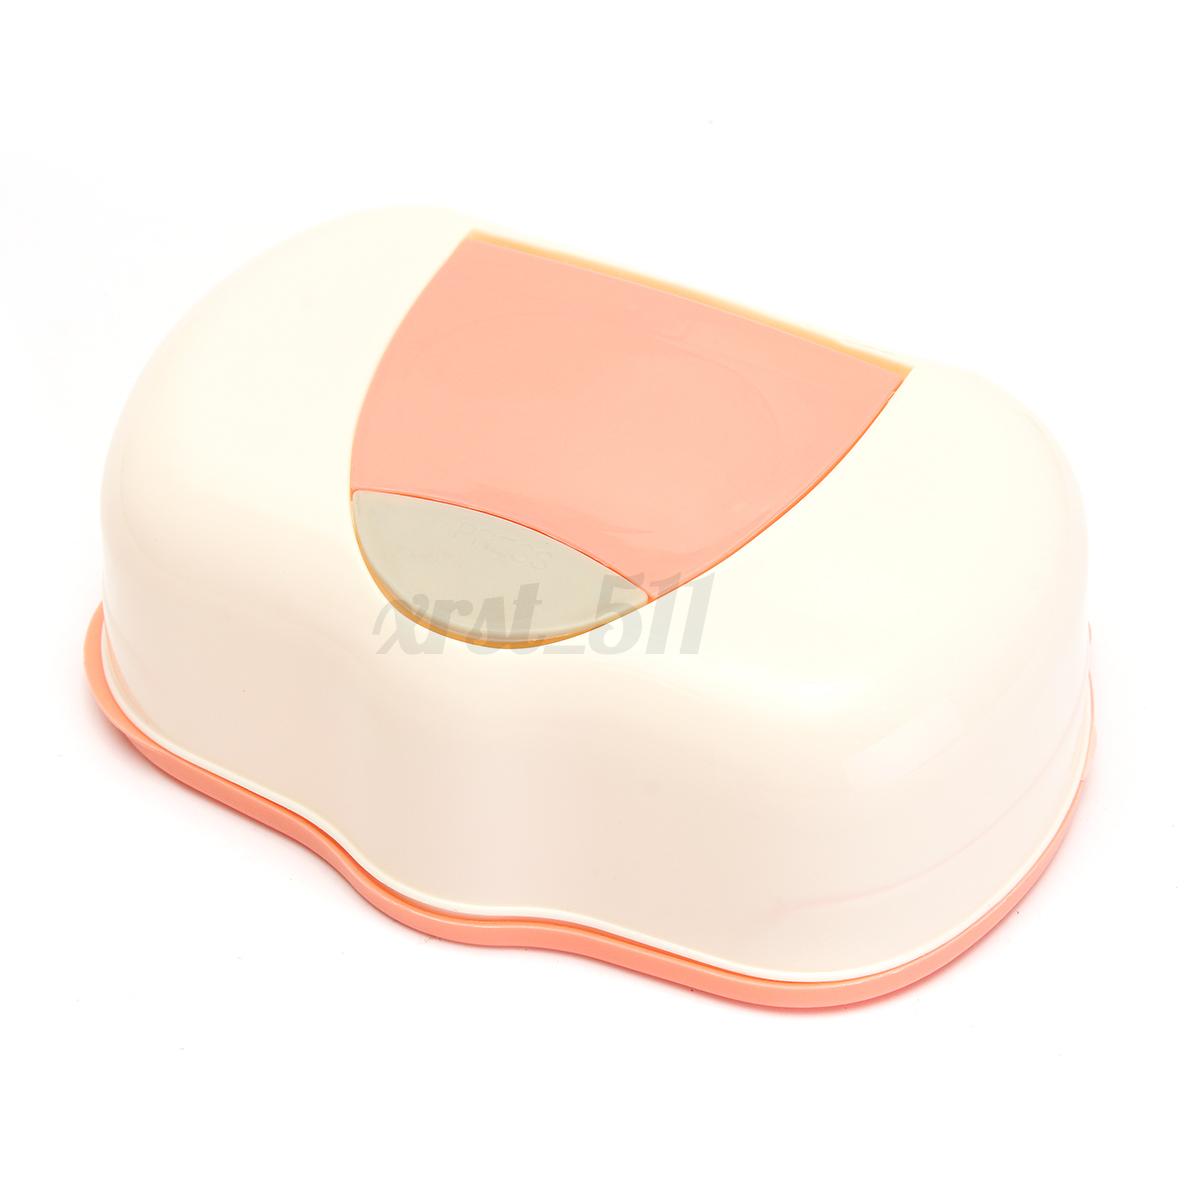 Boite-a-Mouchoirs-Tissu-Papier-avec-Bouton-pour-80-Lingettes-Humides-Maison-Bebe